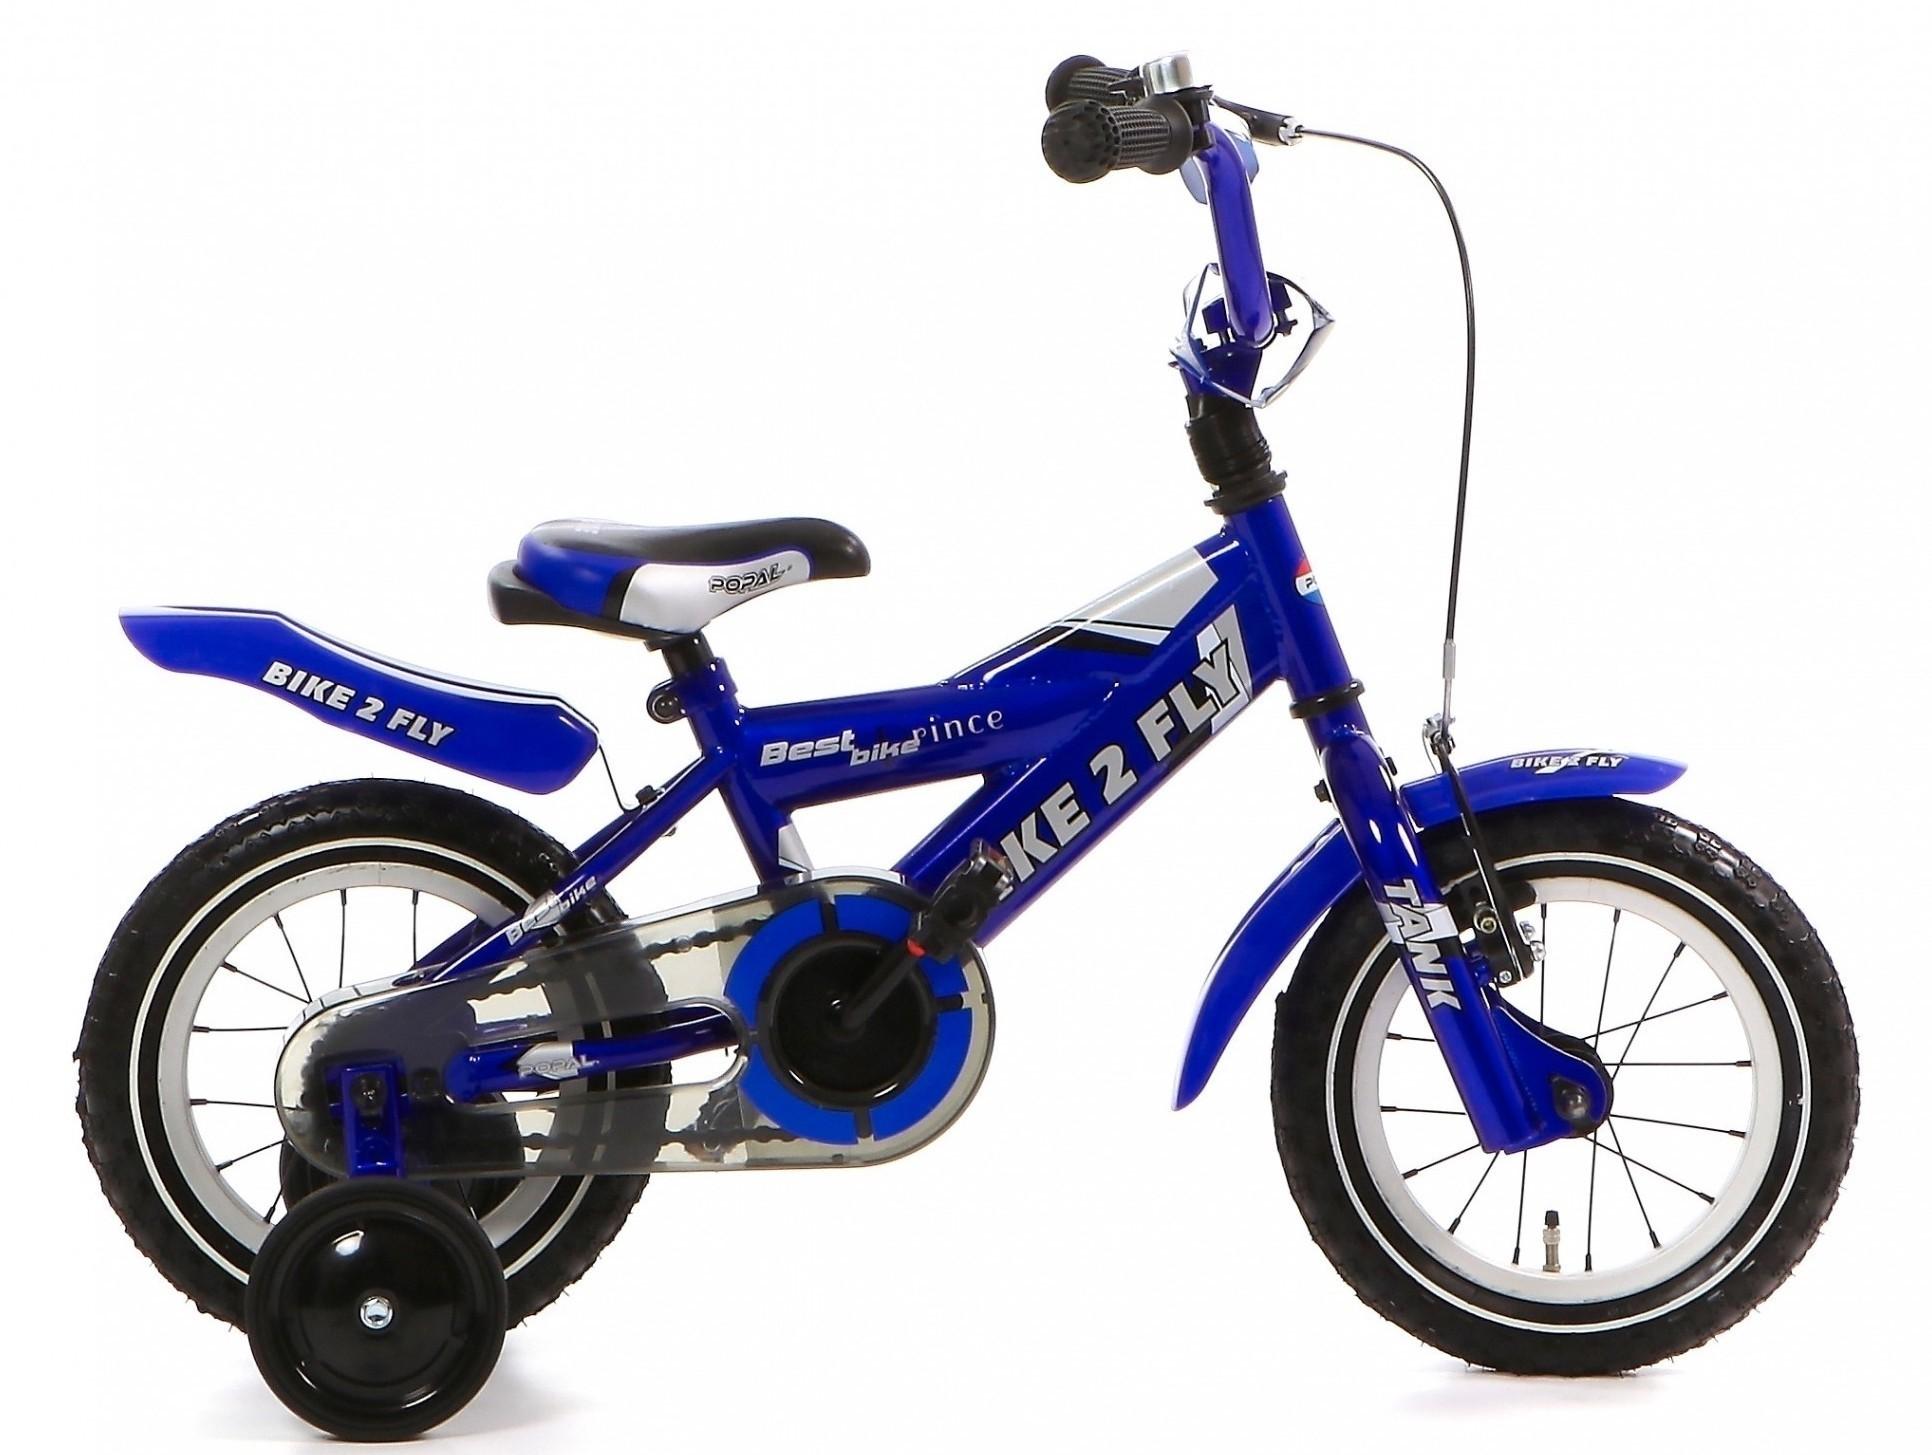 Popal Bike 2 Fly 12 inch (diverse kleuren)